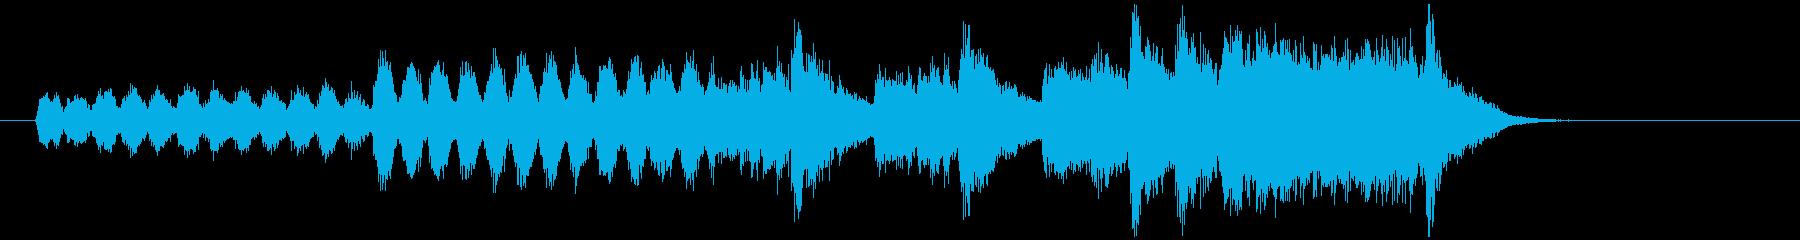 始まりのイメージのファンファーレの再生済みの波形